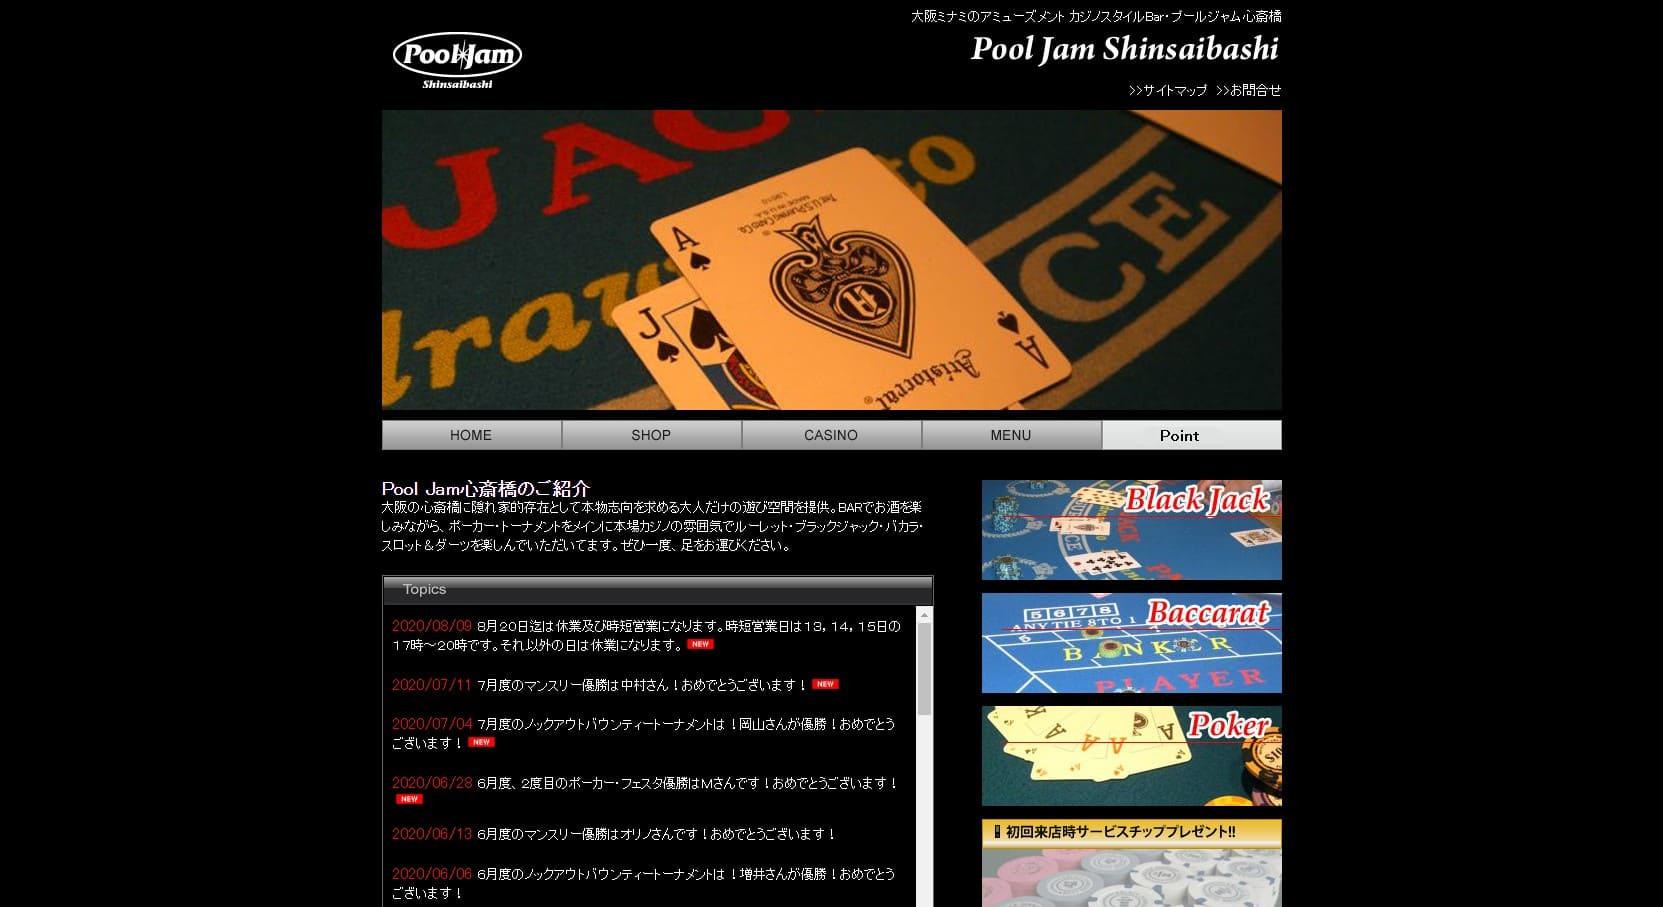 プールジャム心斎橋のウェブサイト画像。